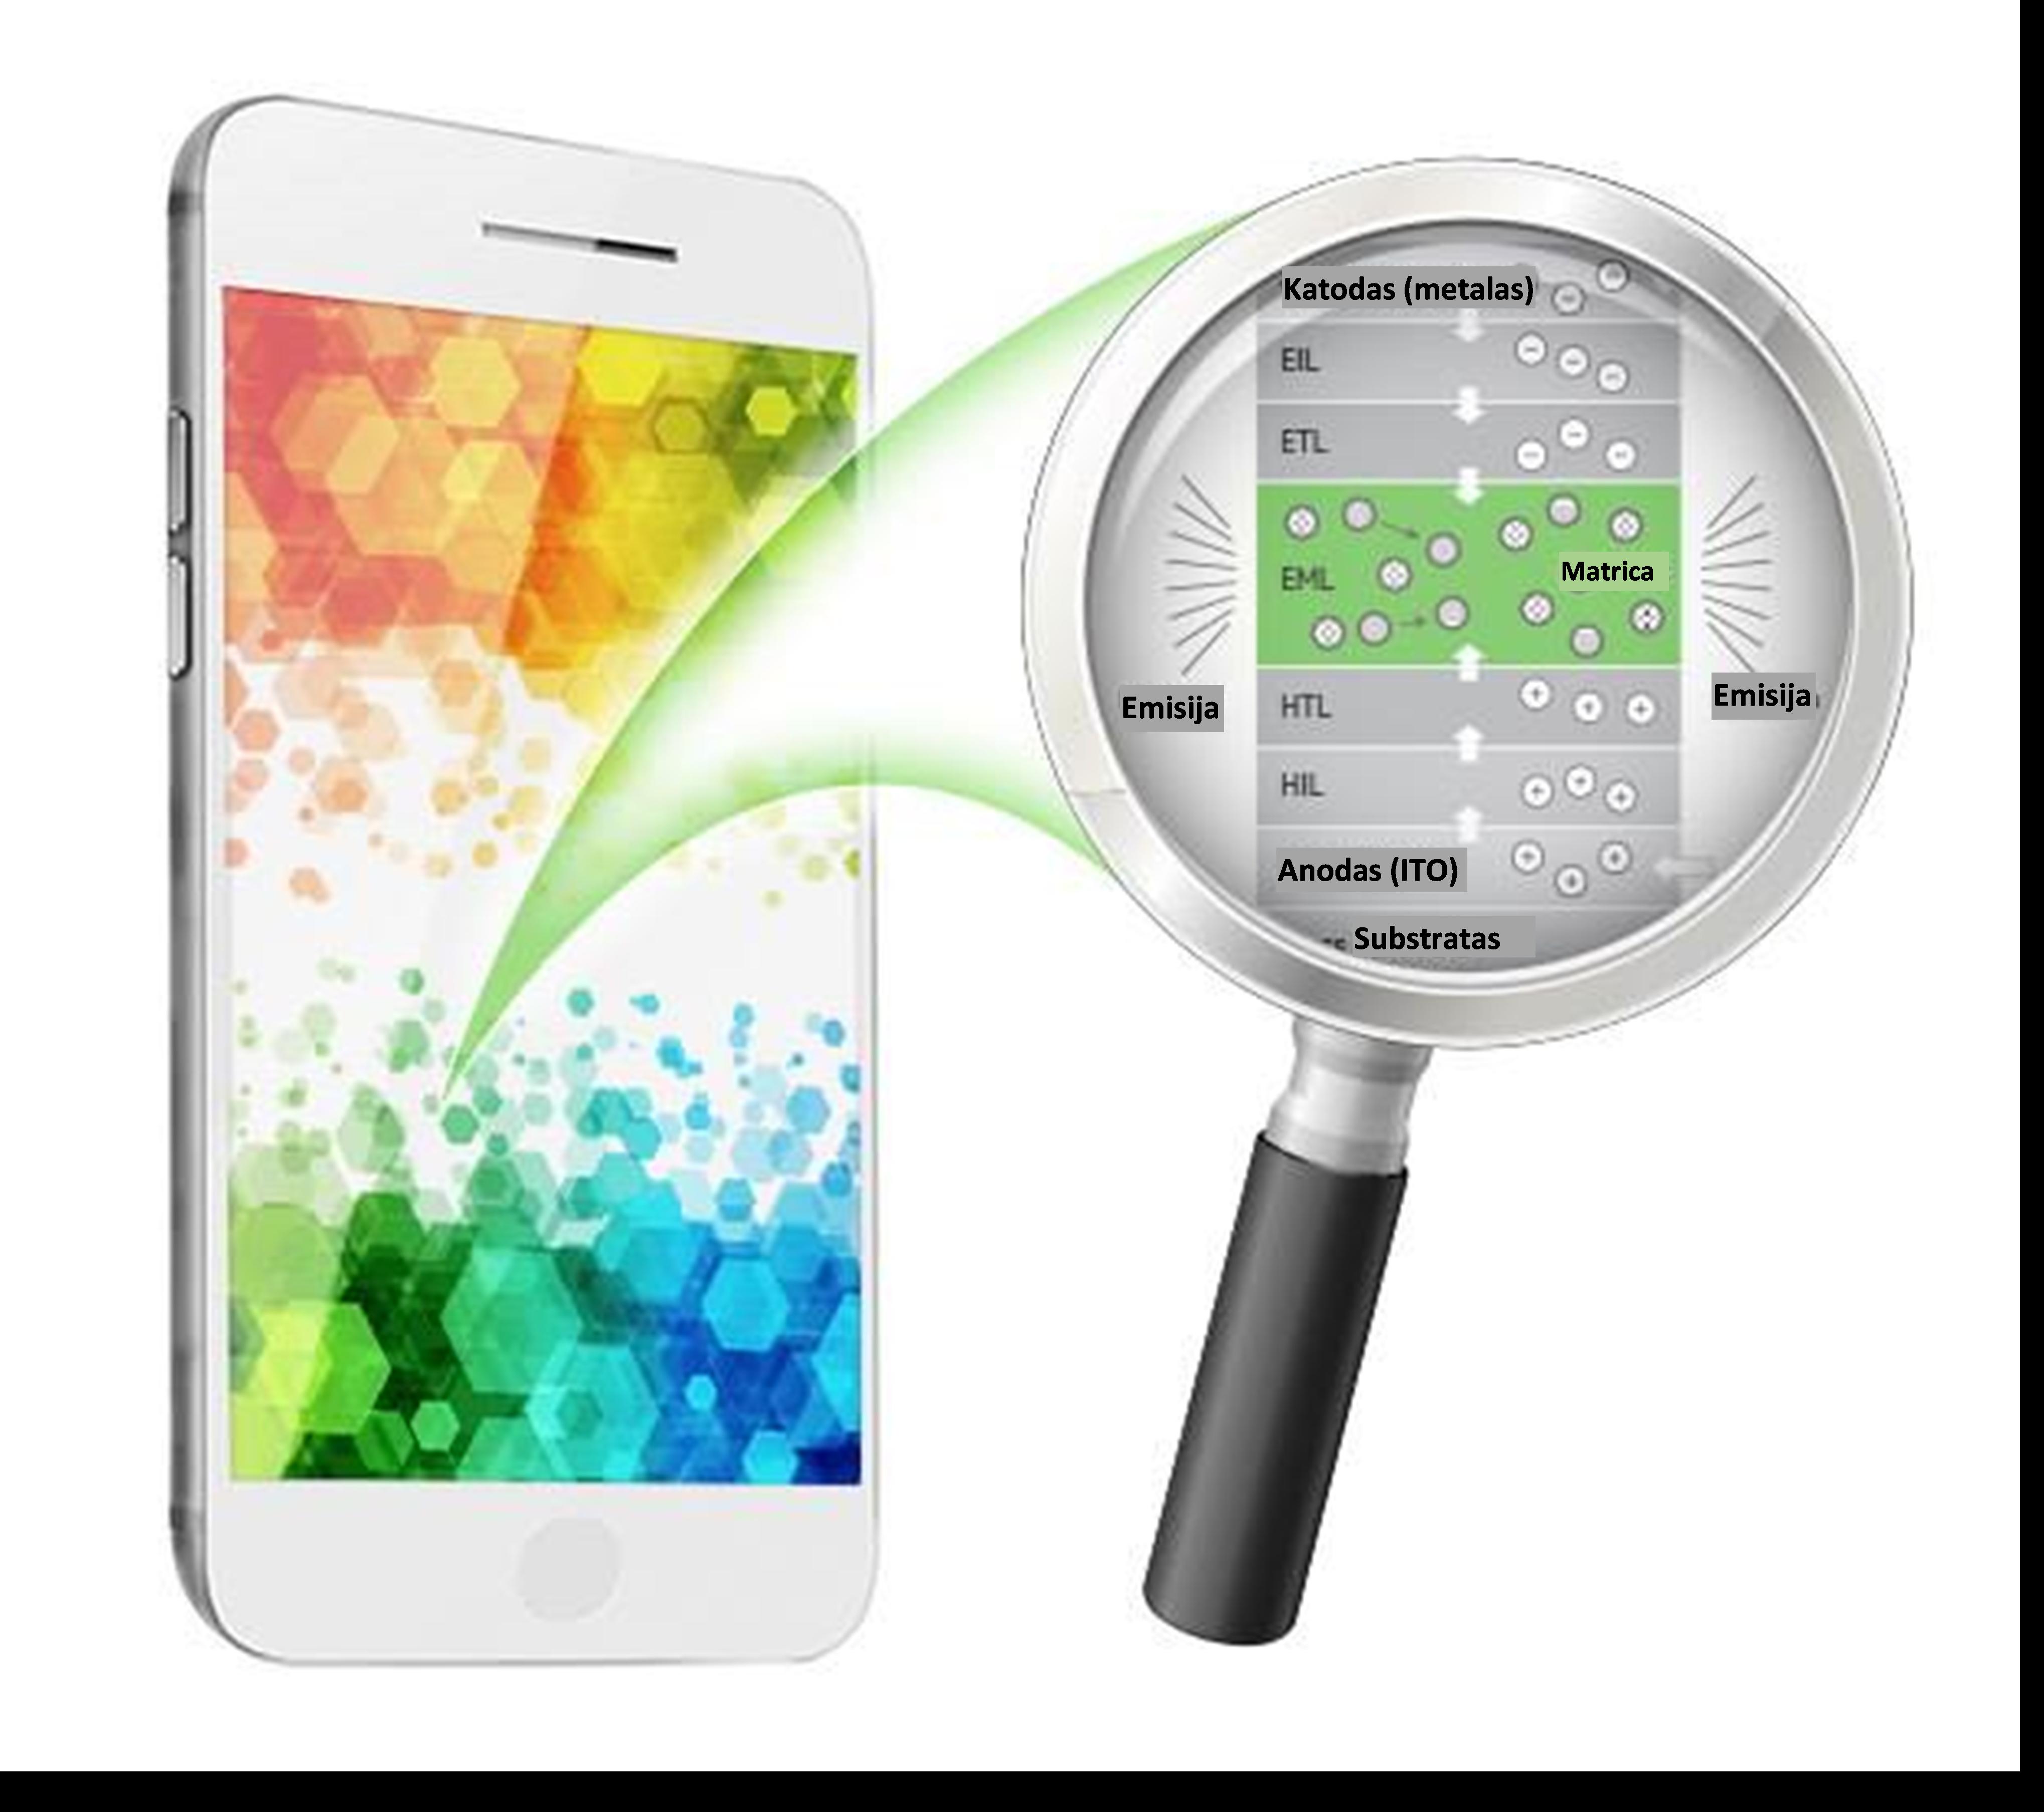 2 pav. Išmanaus telefono ekrane naudojamos medžiagos | Asm. archyvo nuotr.